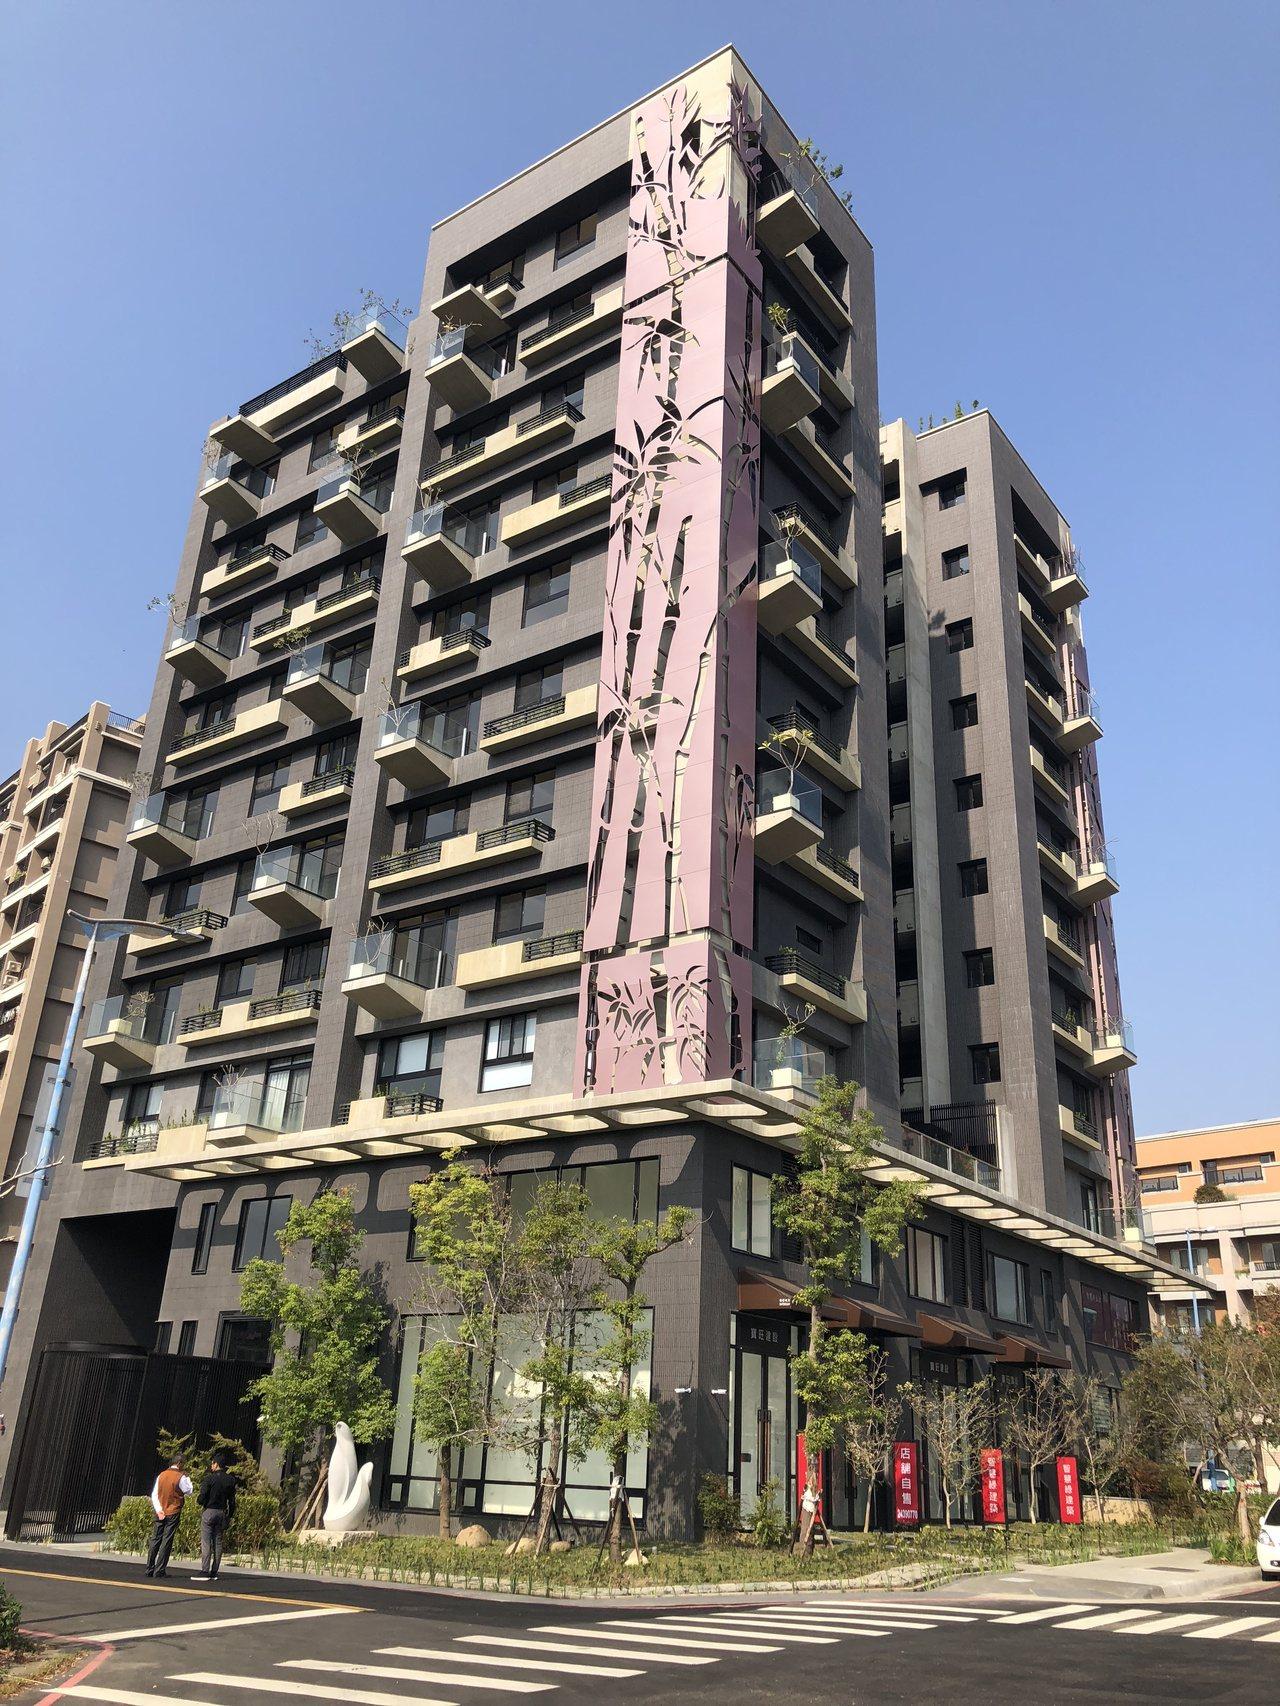 「悅寶旺」建築外觀的大型金屬飾板與直貼二丁掛,將竹子的圖騰清楚烙印在建築立面上,...